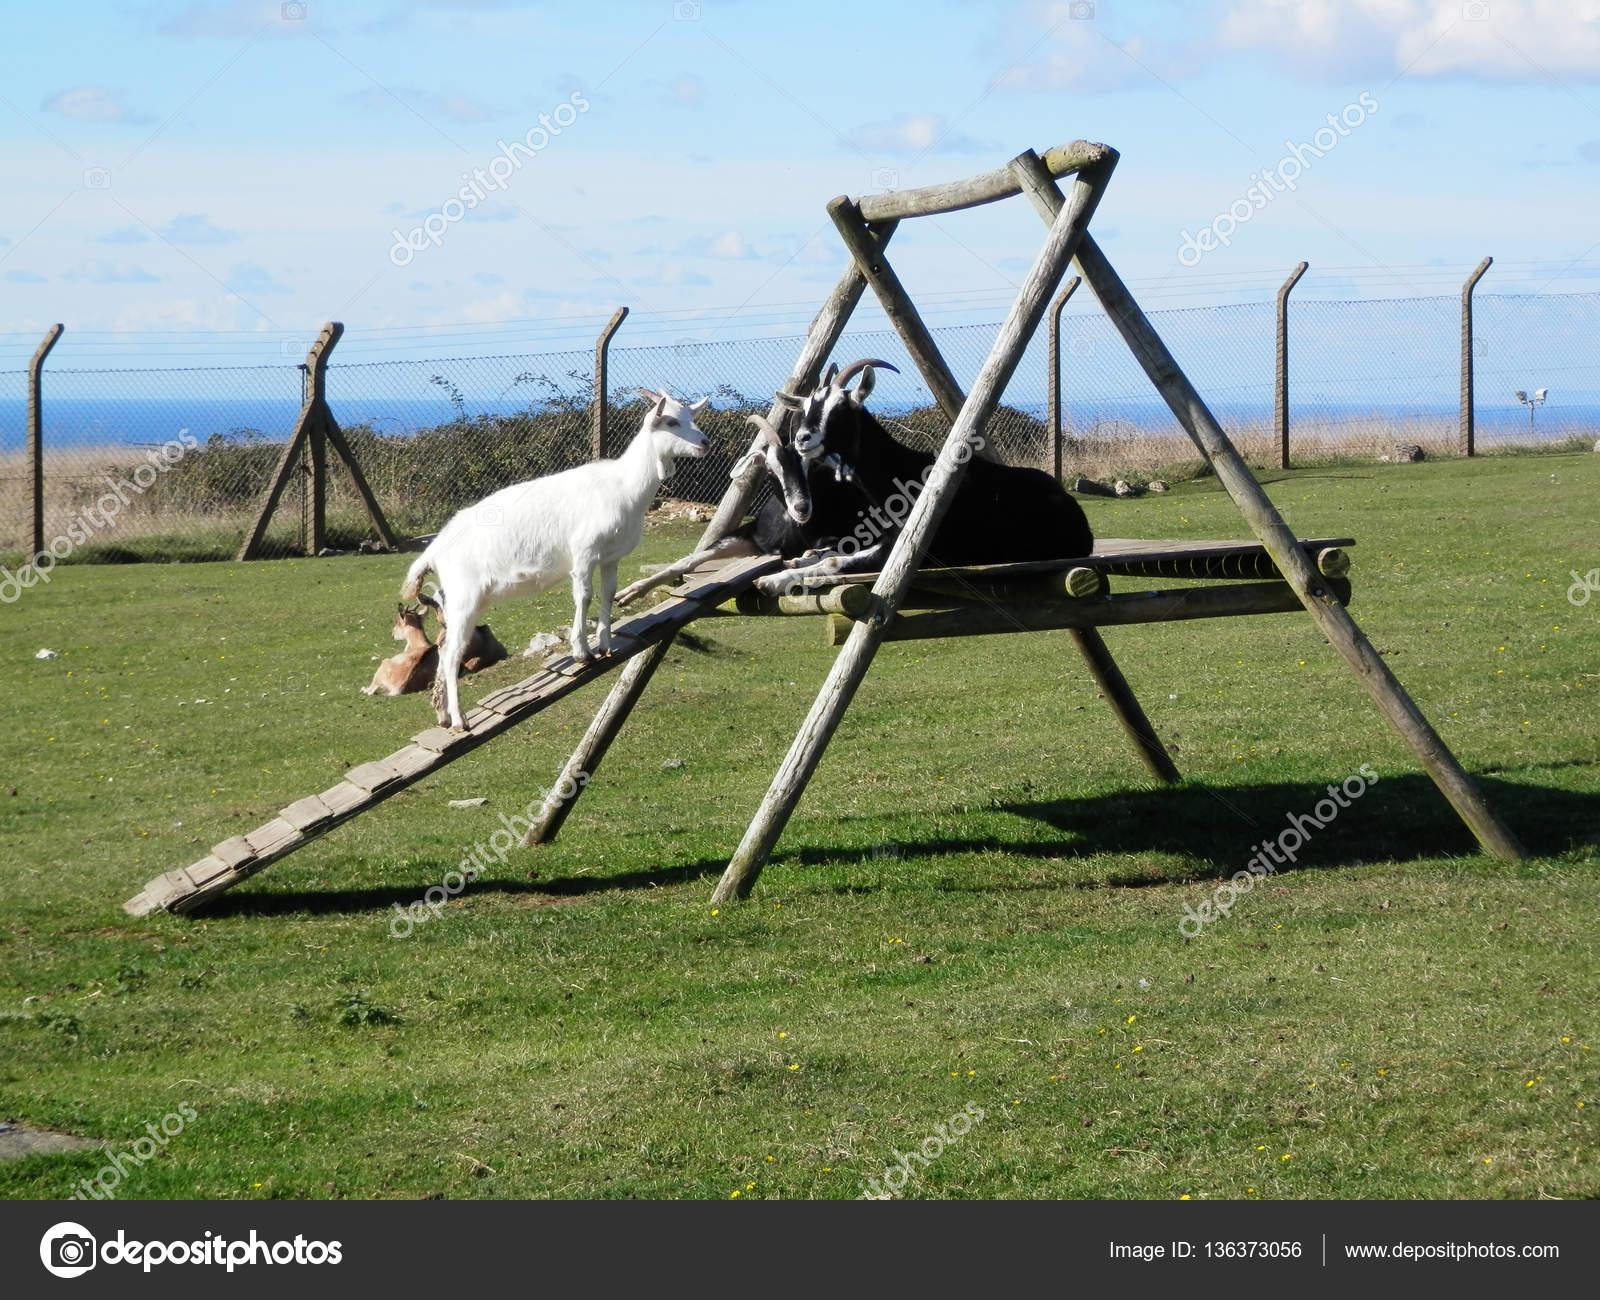 Klettergerüst English : Ziegen auf klettergerüst u stockfoto johnnywalker